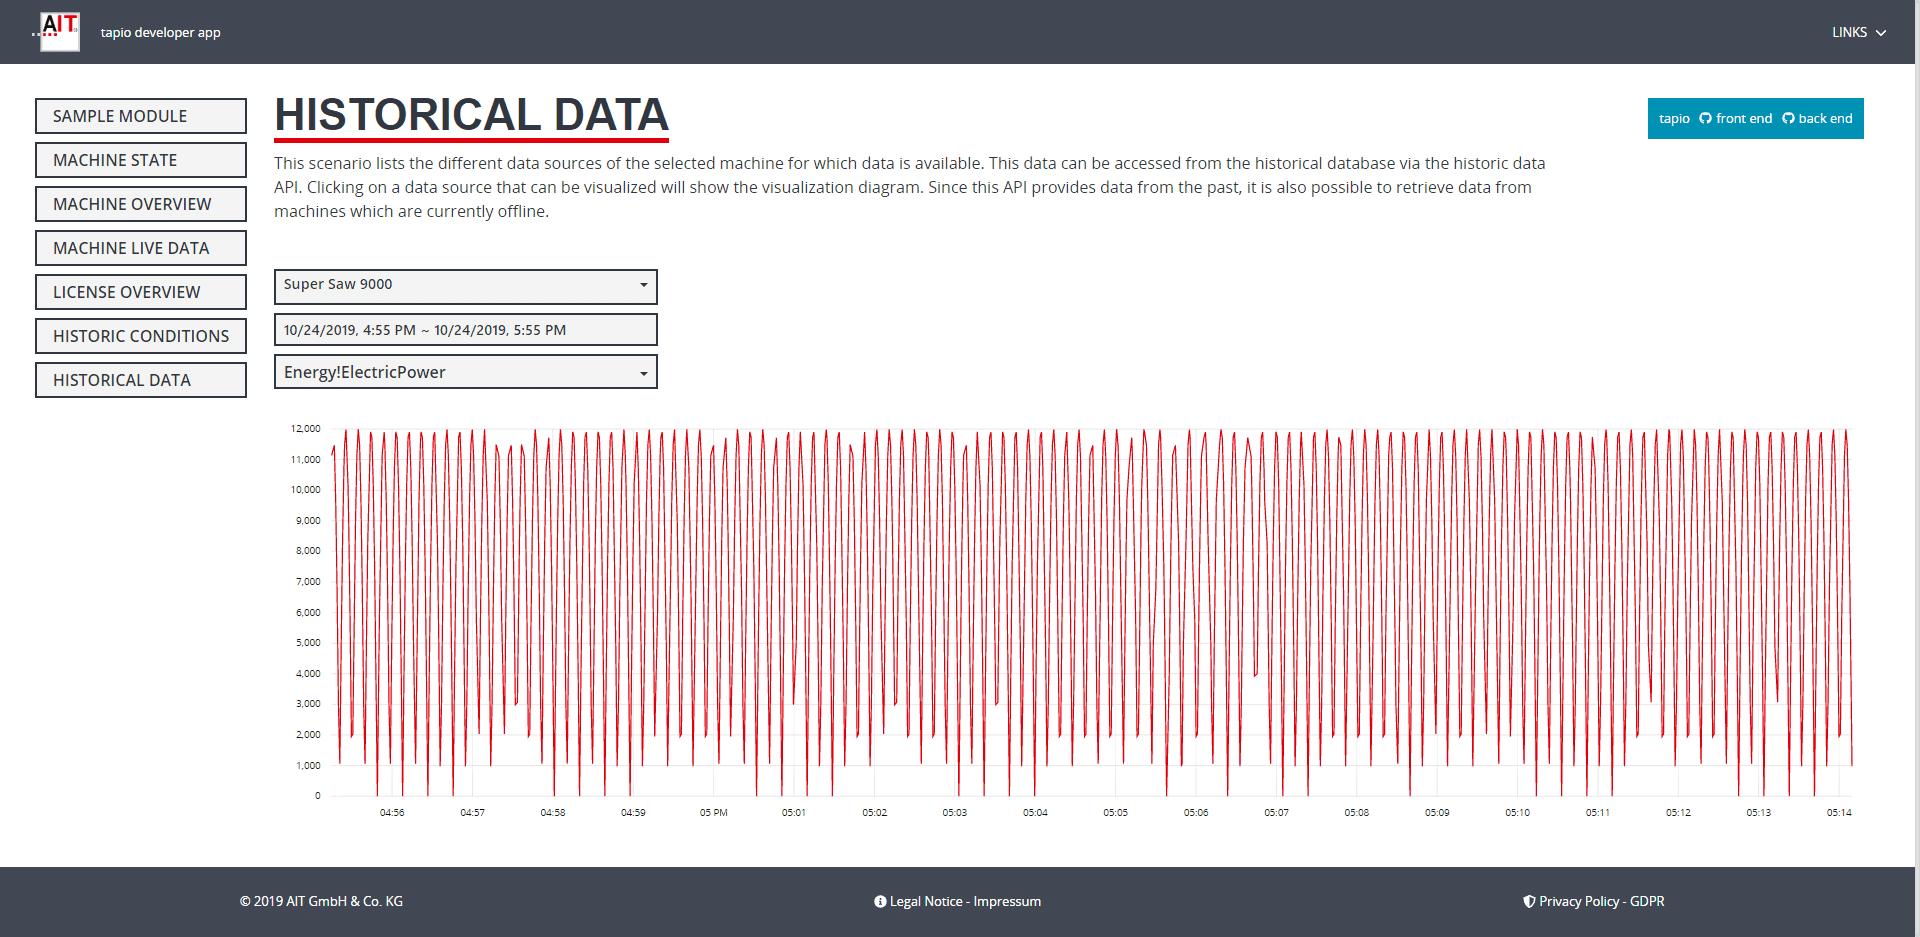 Darstellung des Verlaufs von Daten aus der Vergangenheit über tapio